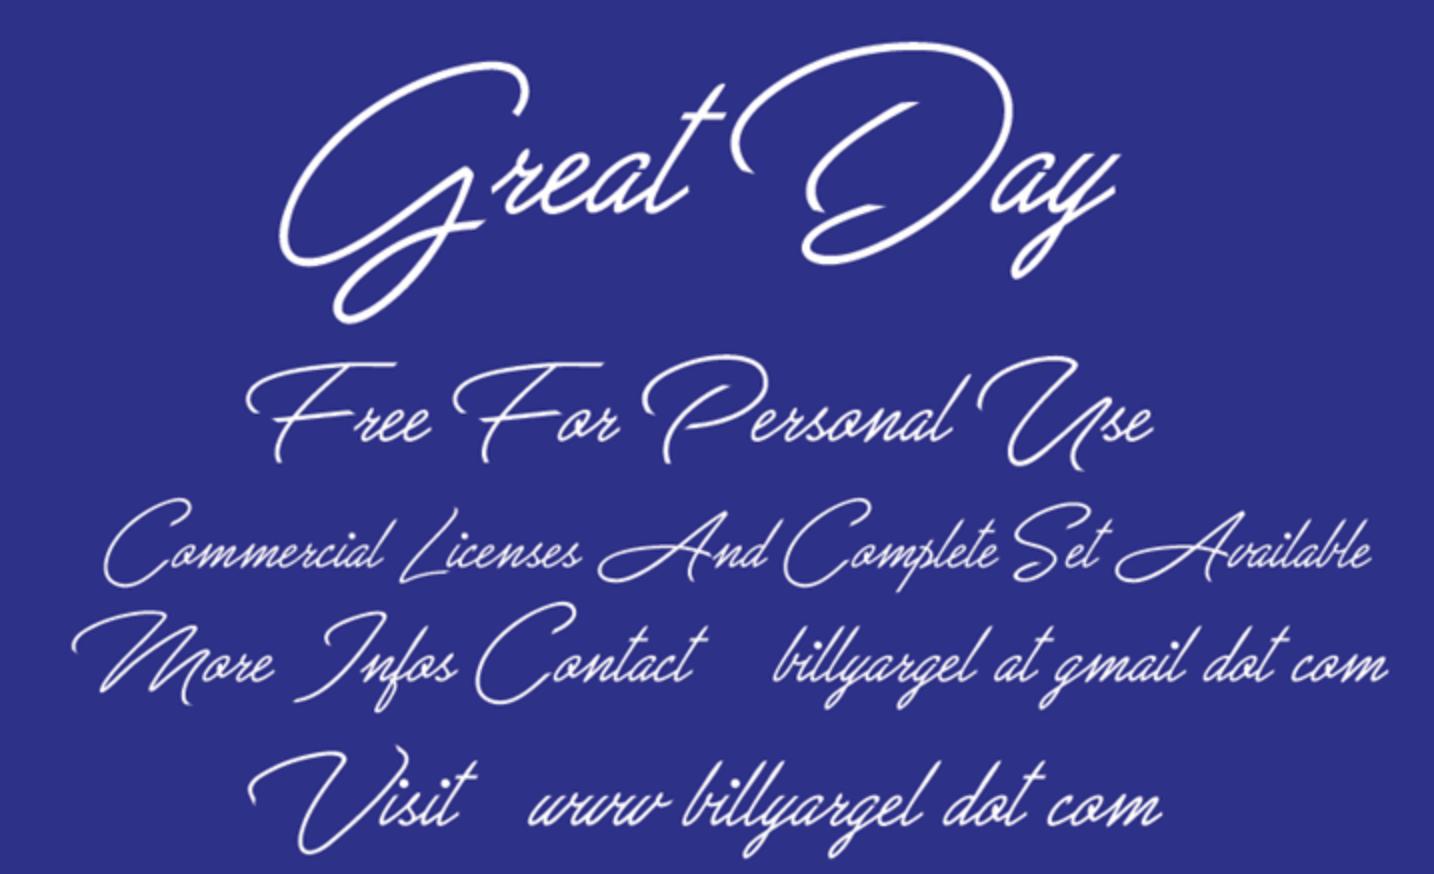 Font retrò calligrafia chiamato Grande giorno